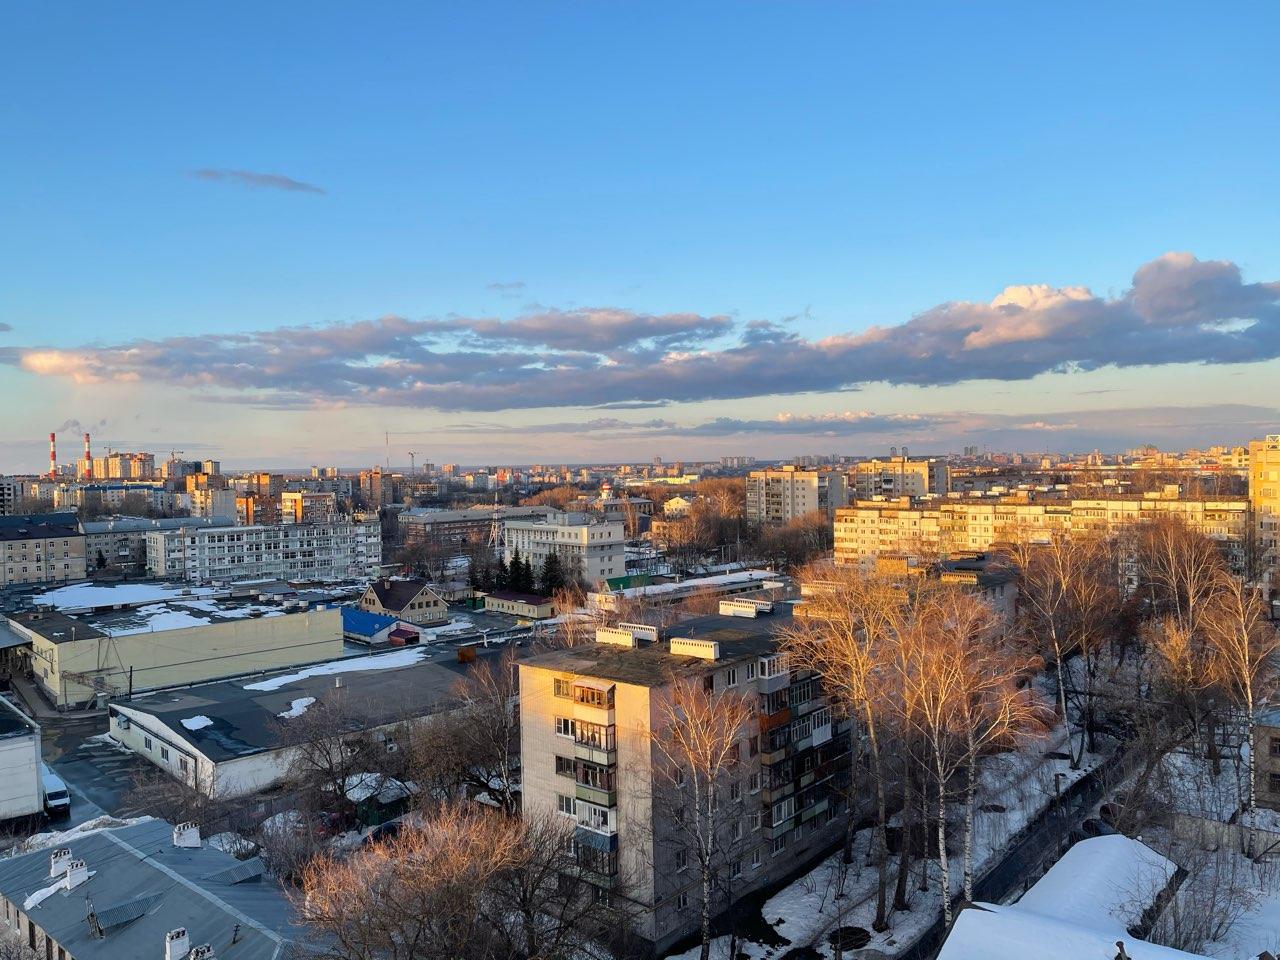 Более 1,5 млн кв. метров жилья  планируют ввести в Нижегородской области в 2021 году - фото 1